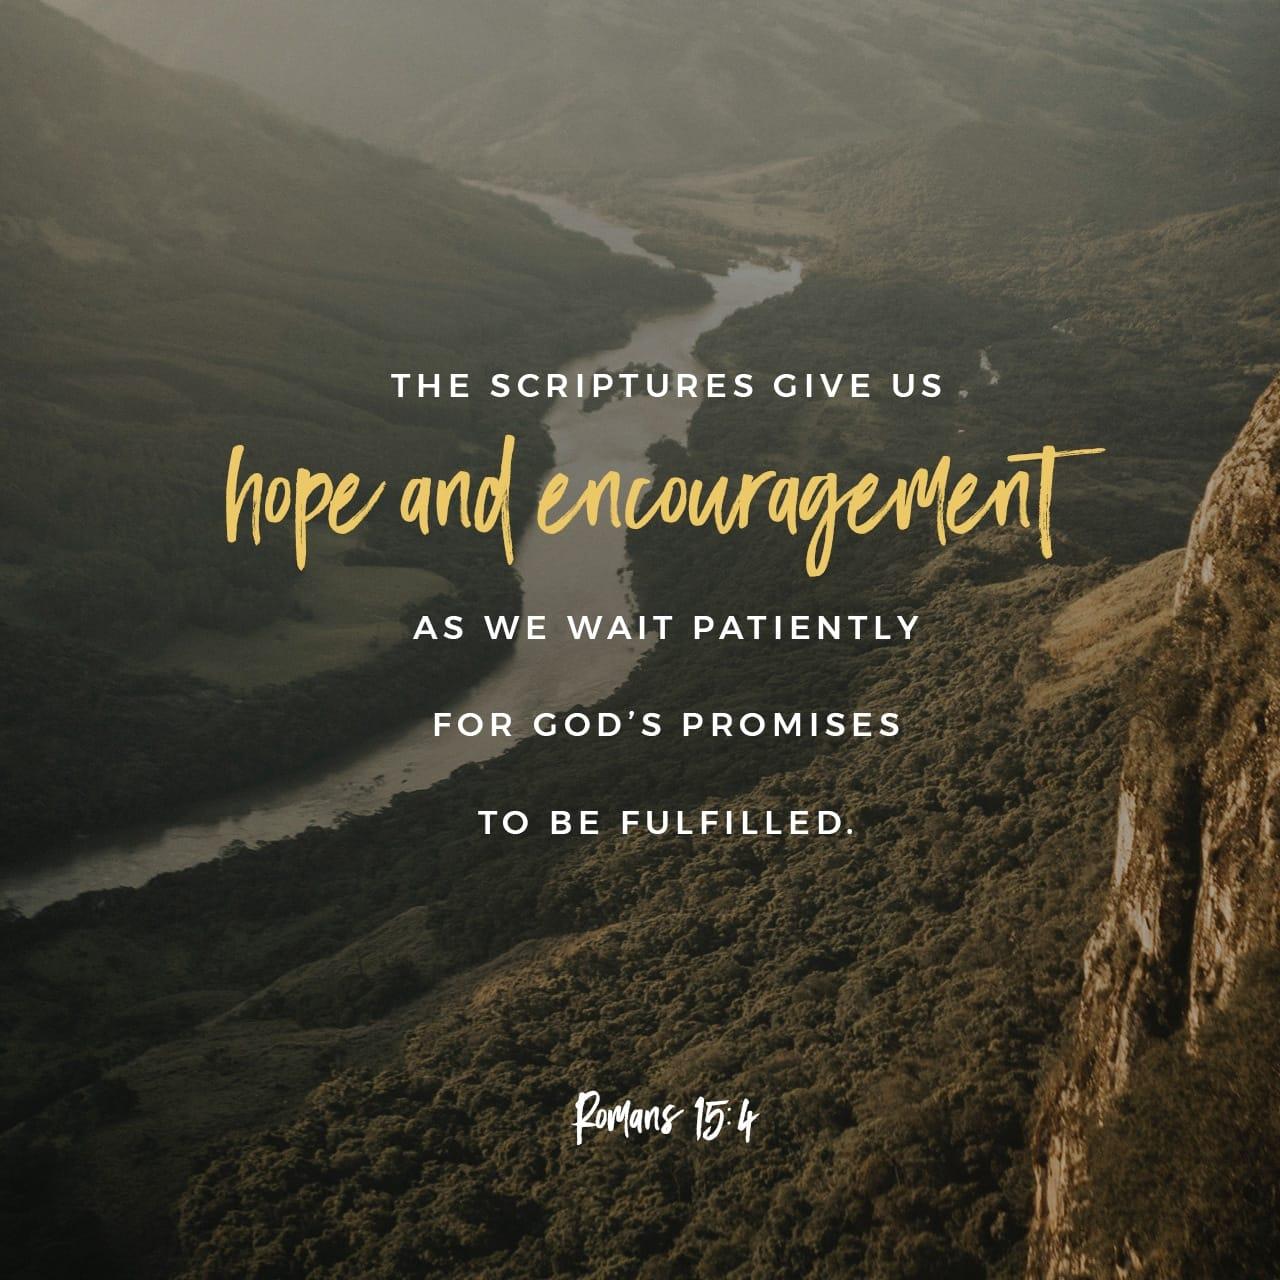 Lettera ai Romani 15:4 Poiché tutto ciò che fu scritto nel passato, fu scritto per nostra istruzione, affinché mediante la pazienza e la consolazione che ci provengono dalle Scritture, conserviamo la speranza. | Nuova Riveduta 1994 (NR94)